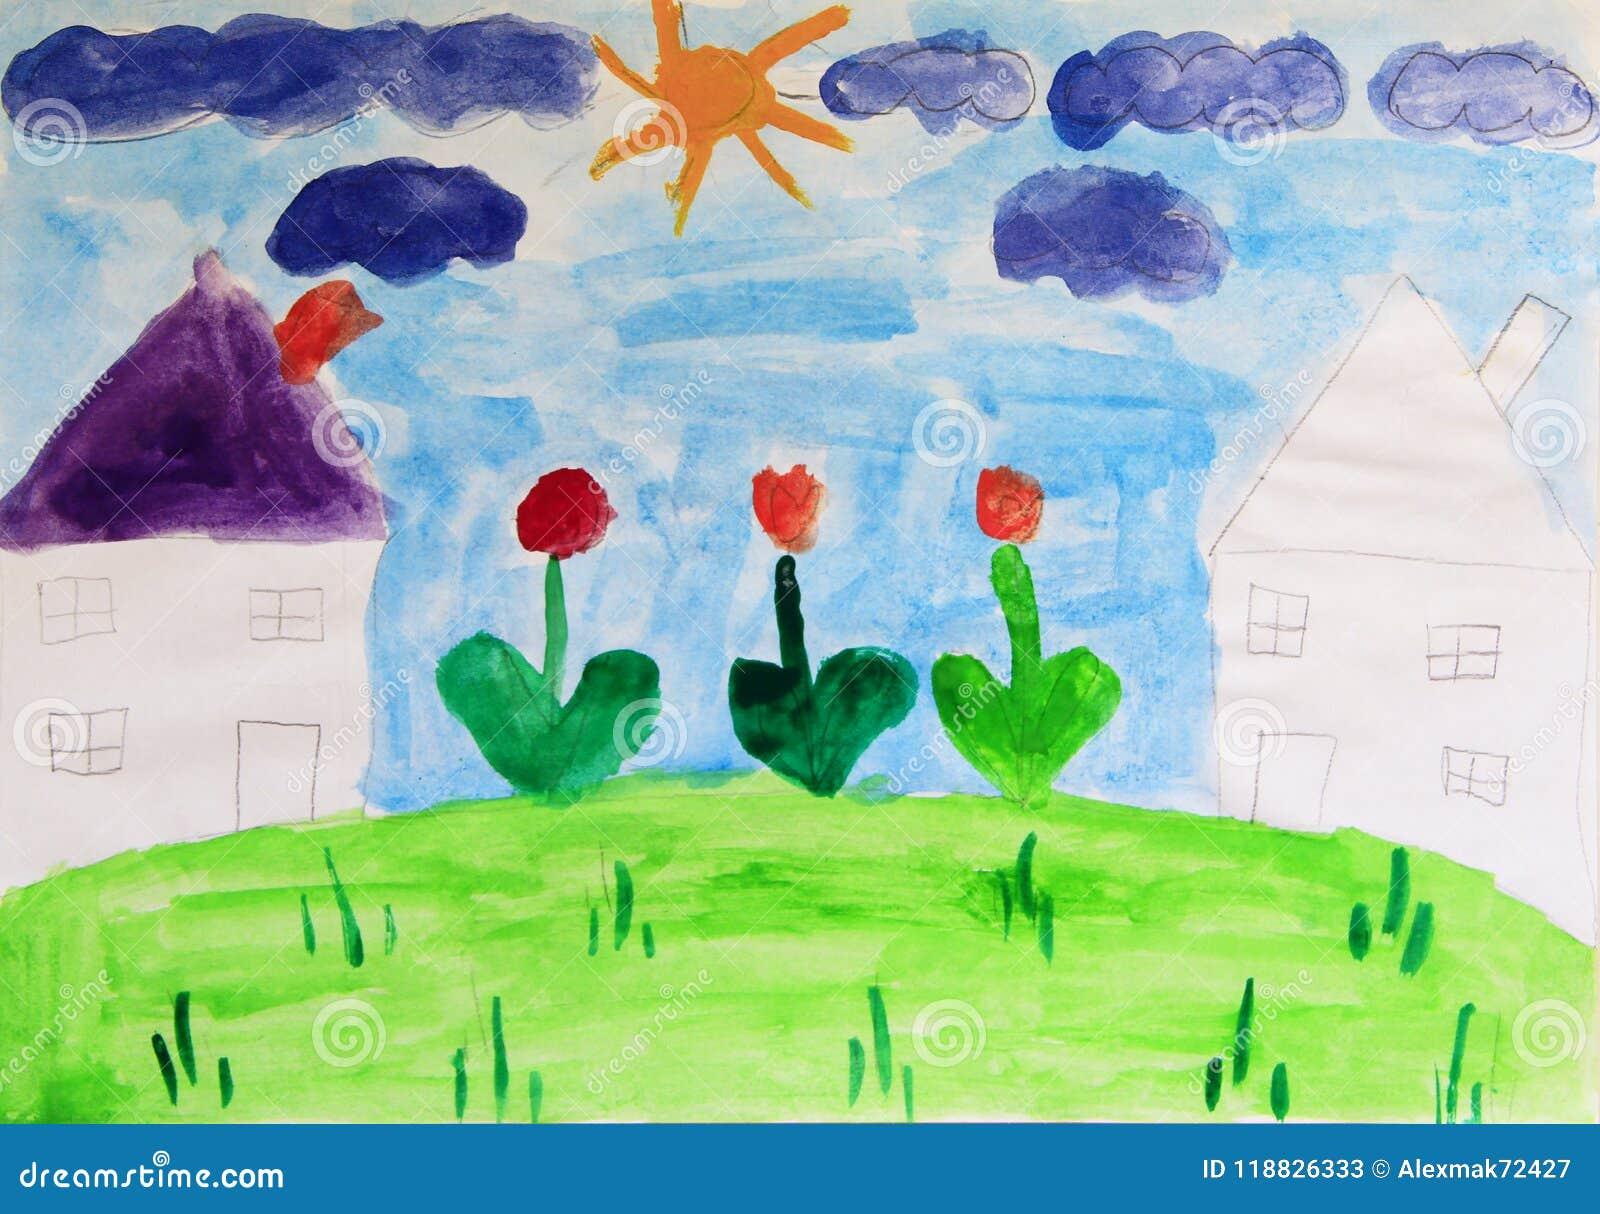 Disegno Di Un Bambino : Disegno del ` s del bambino delle case e dei fiori disegno colorato